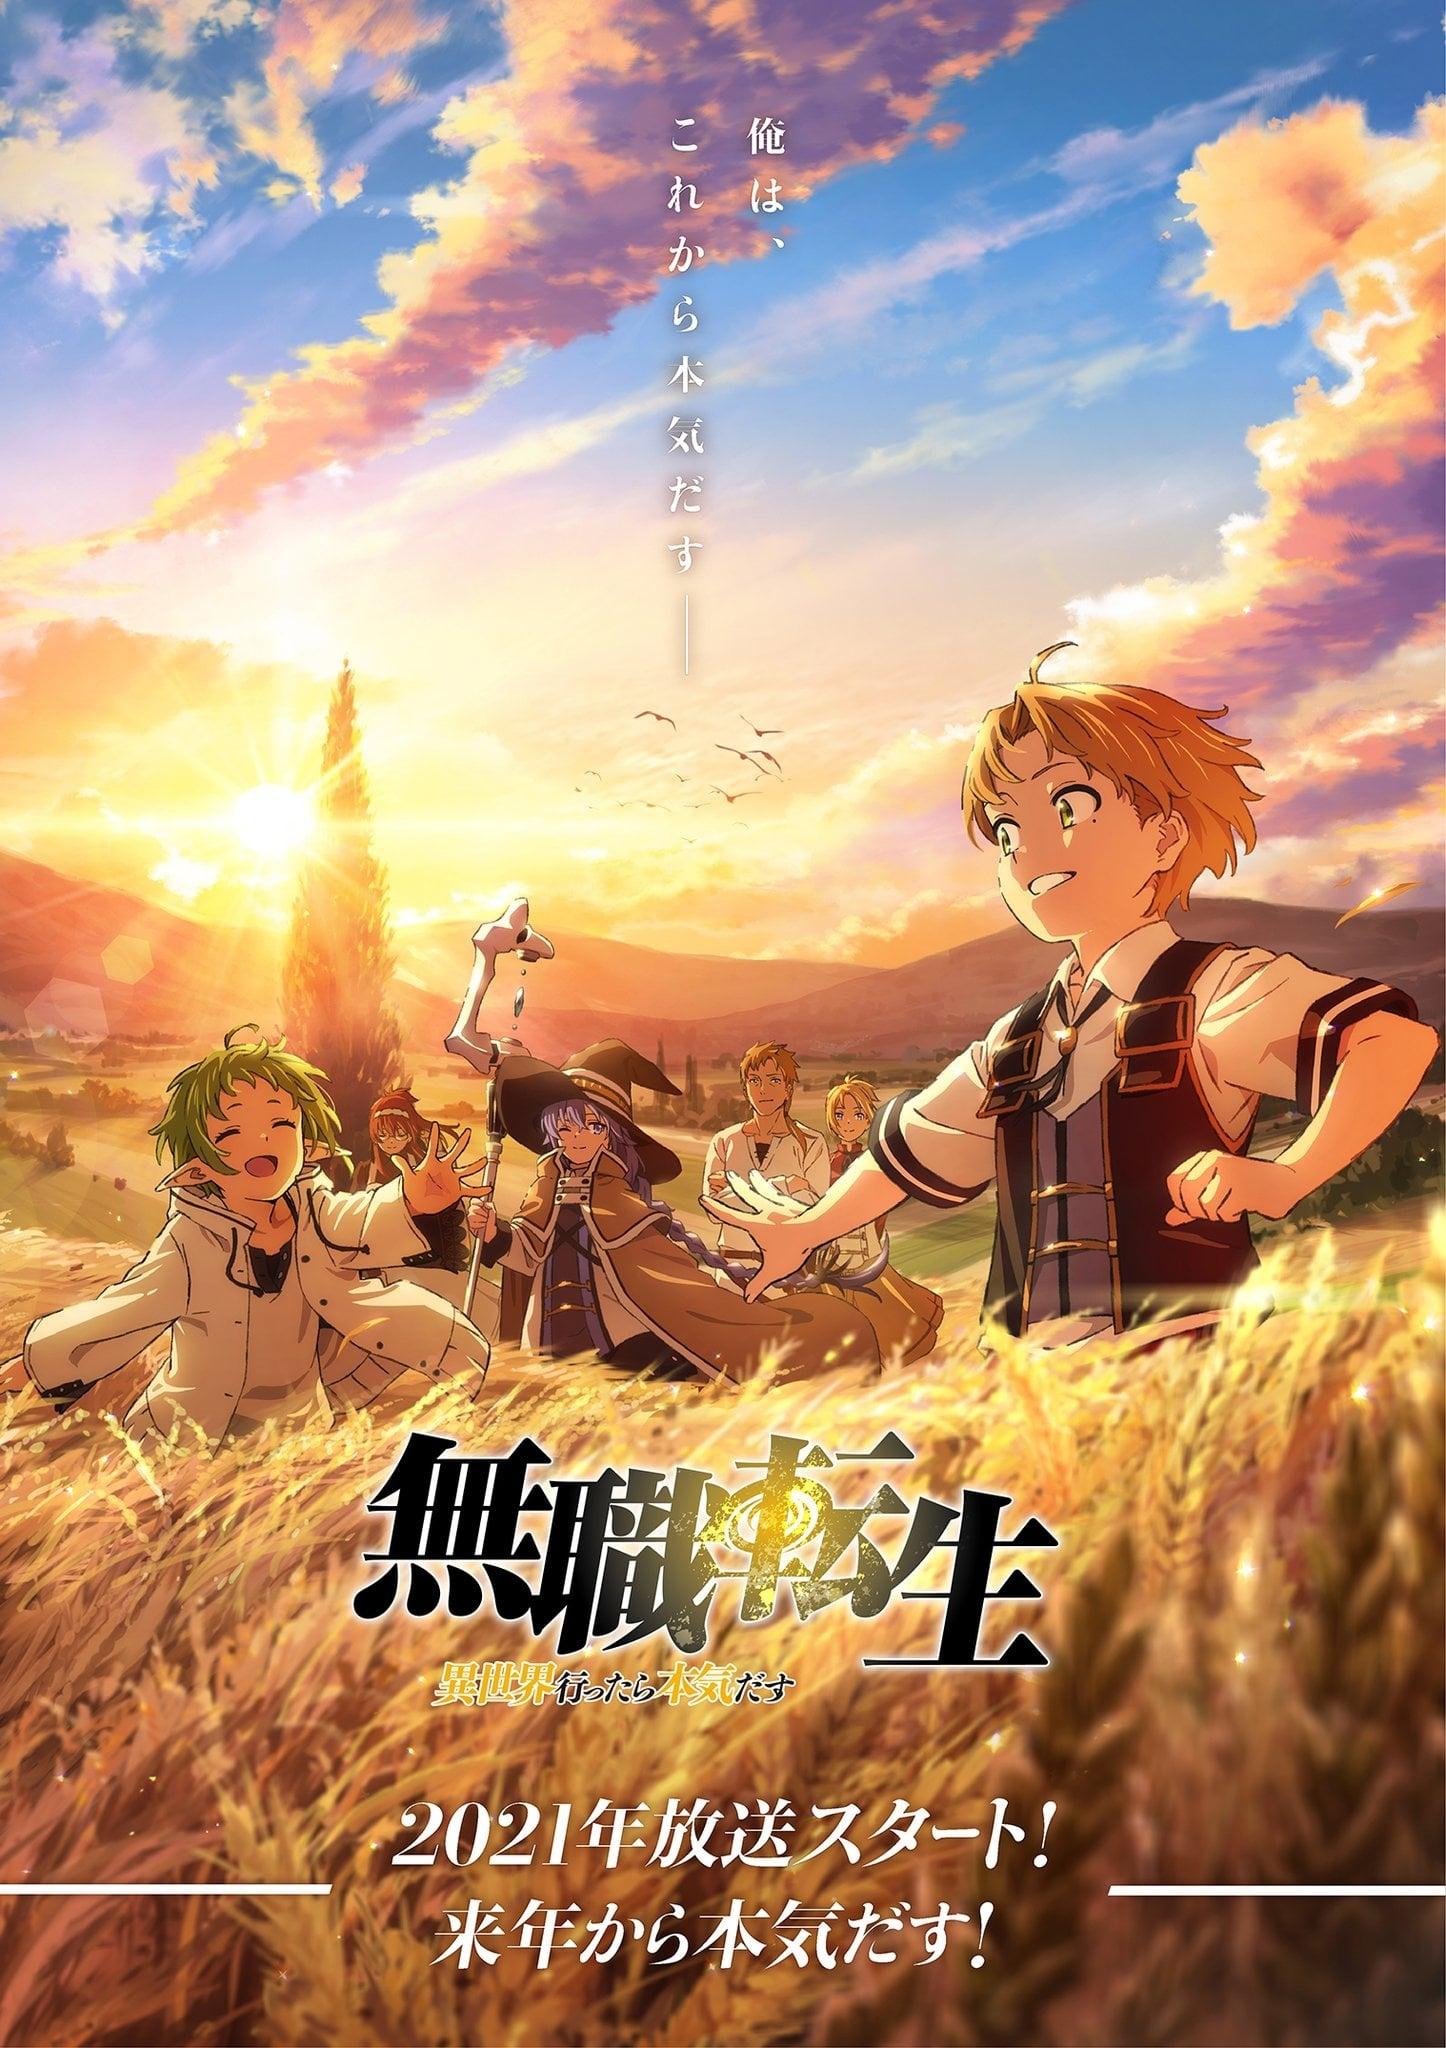 Mushoku Tensei: Isekai Ittara Honki Dasu poster